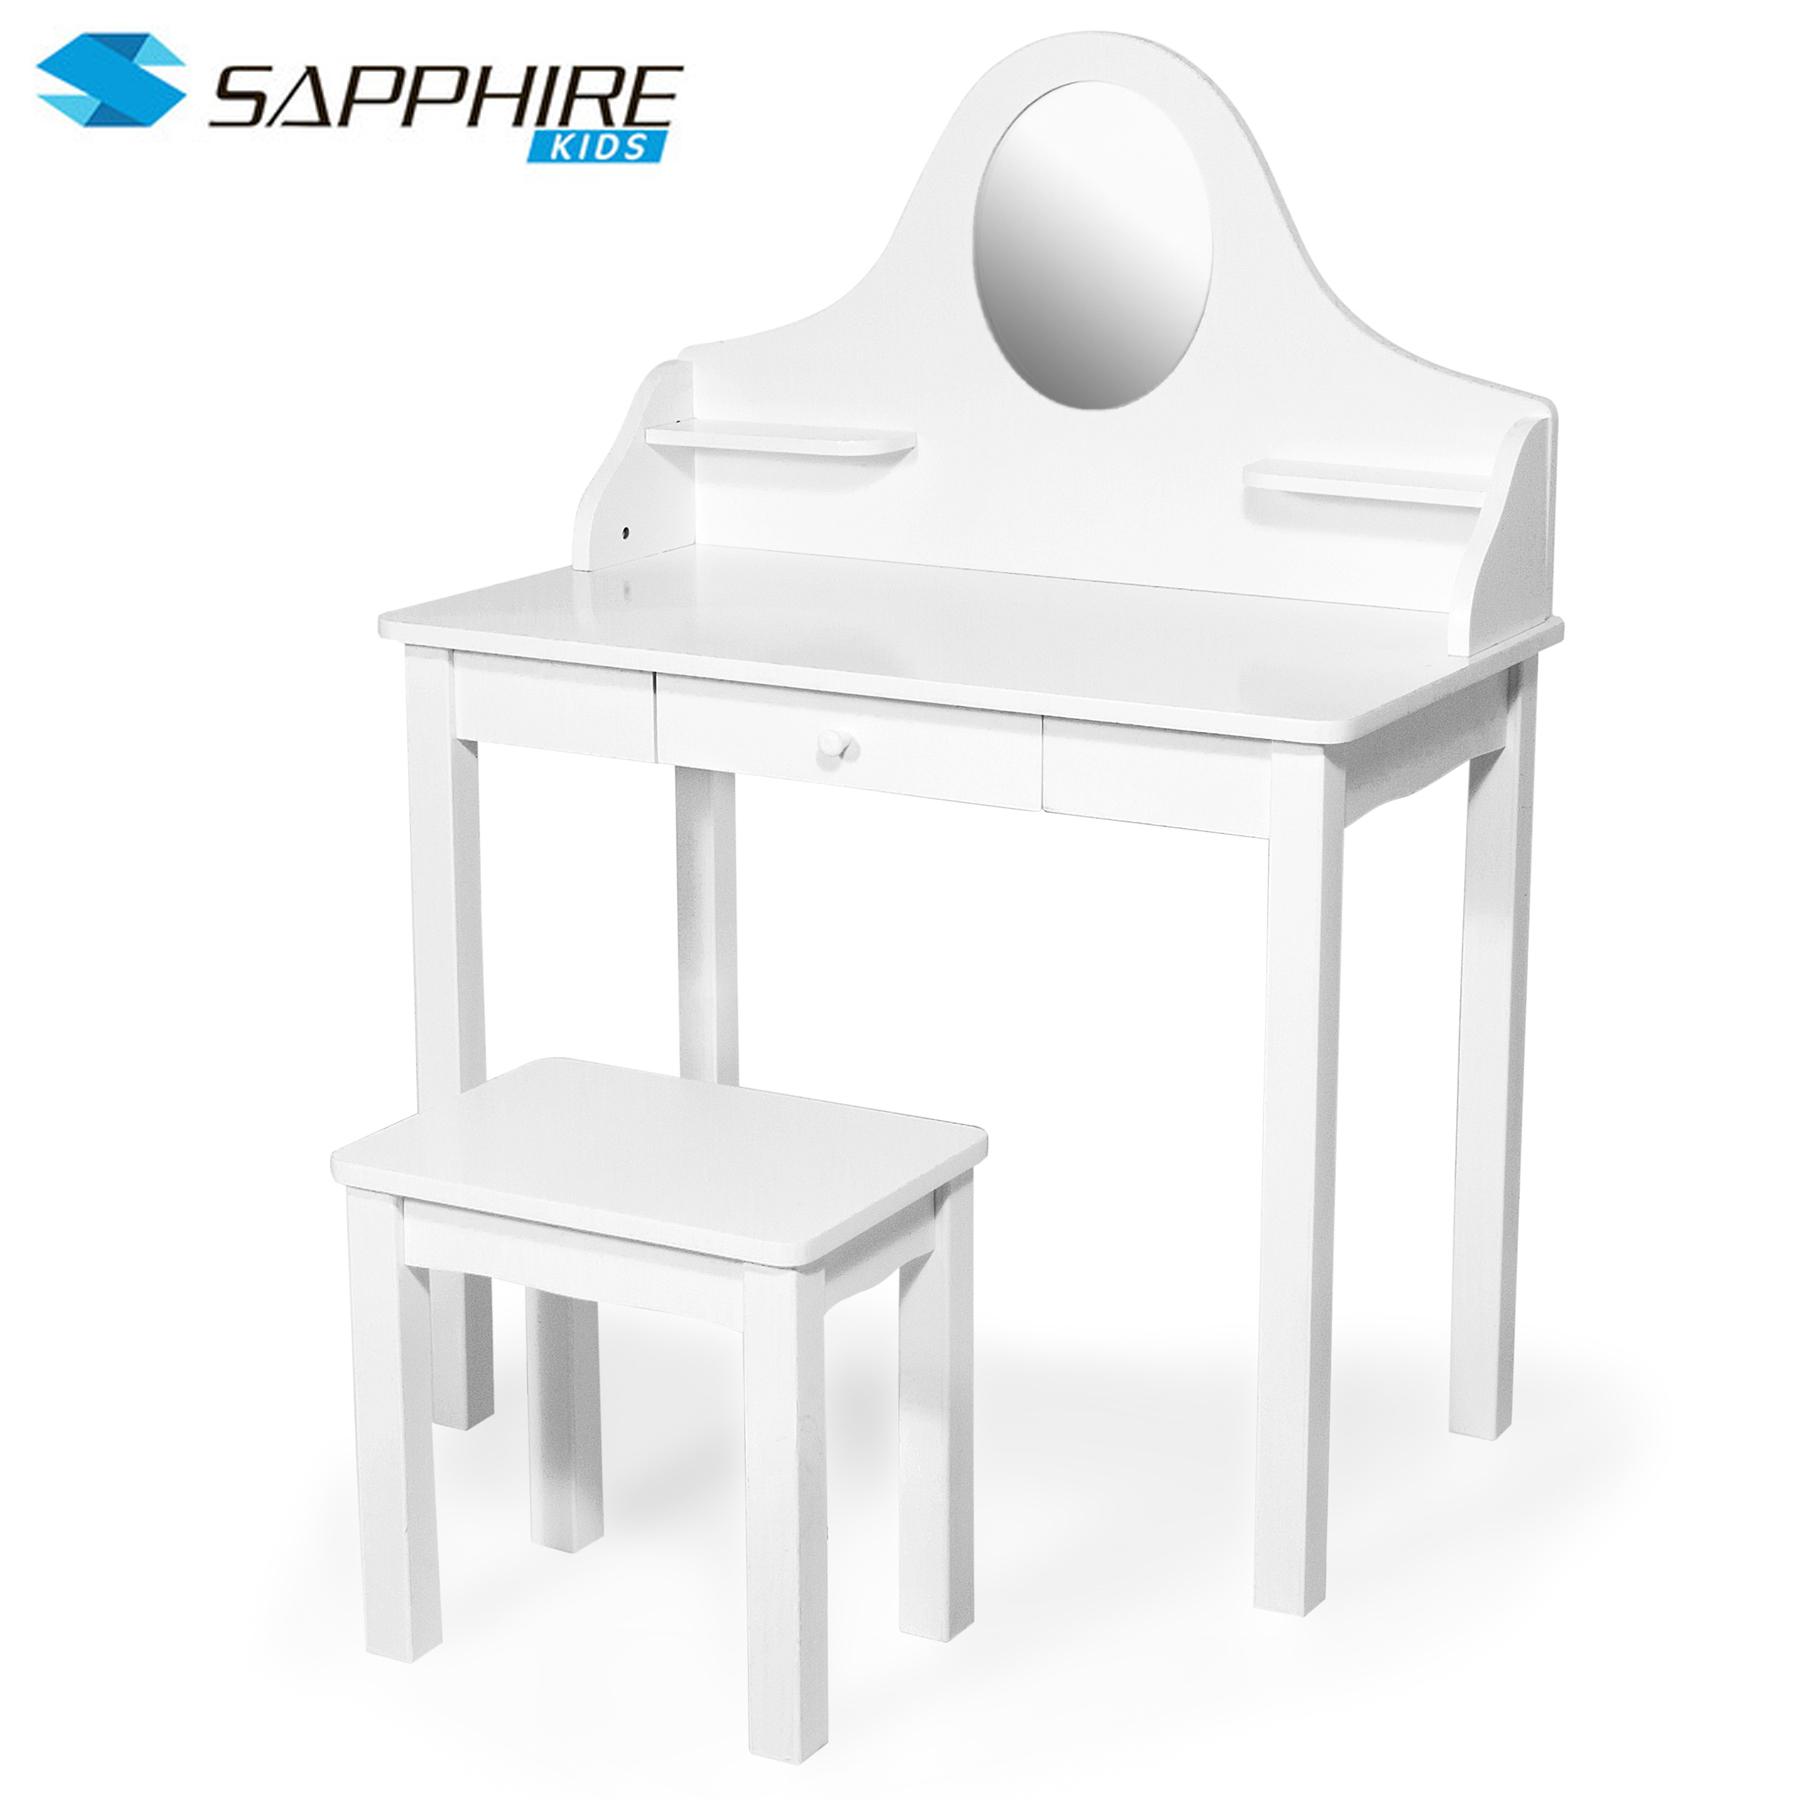 kinder schminktisch frisiertisch stuhl tisch mit spiegel schublade rollenspiel ebay. Black Bedroom Furniture Sets. Home Design Ideas